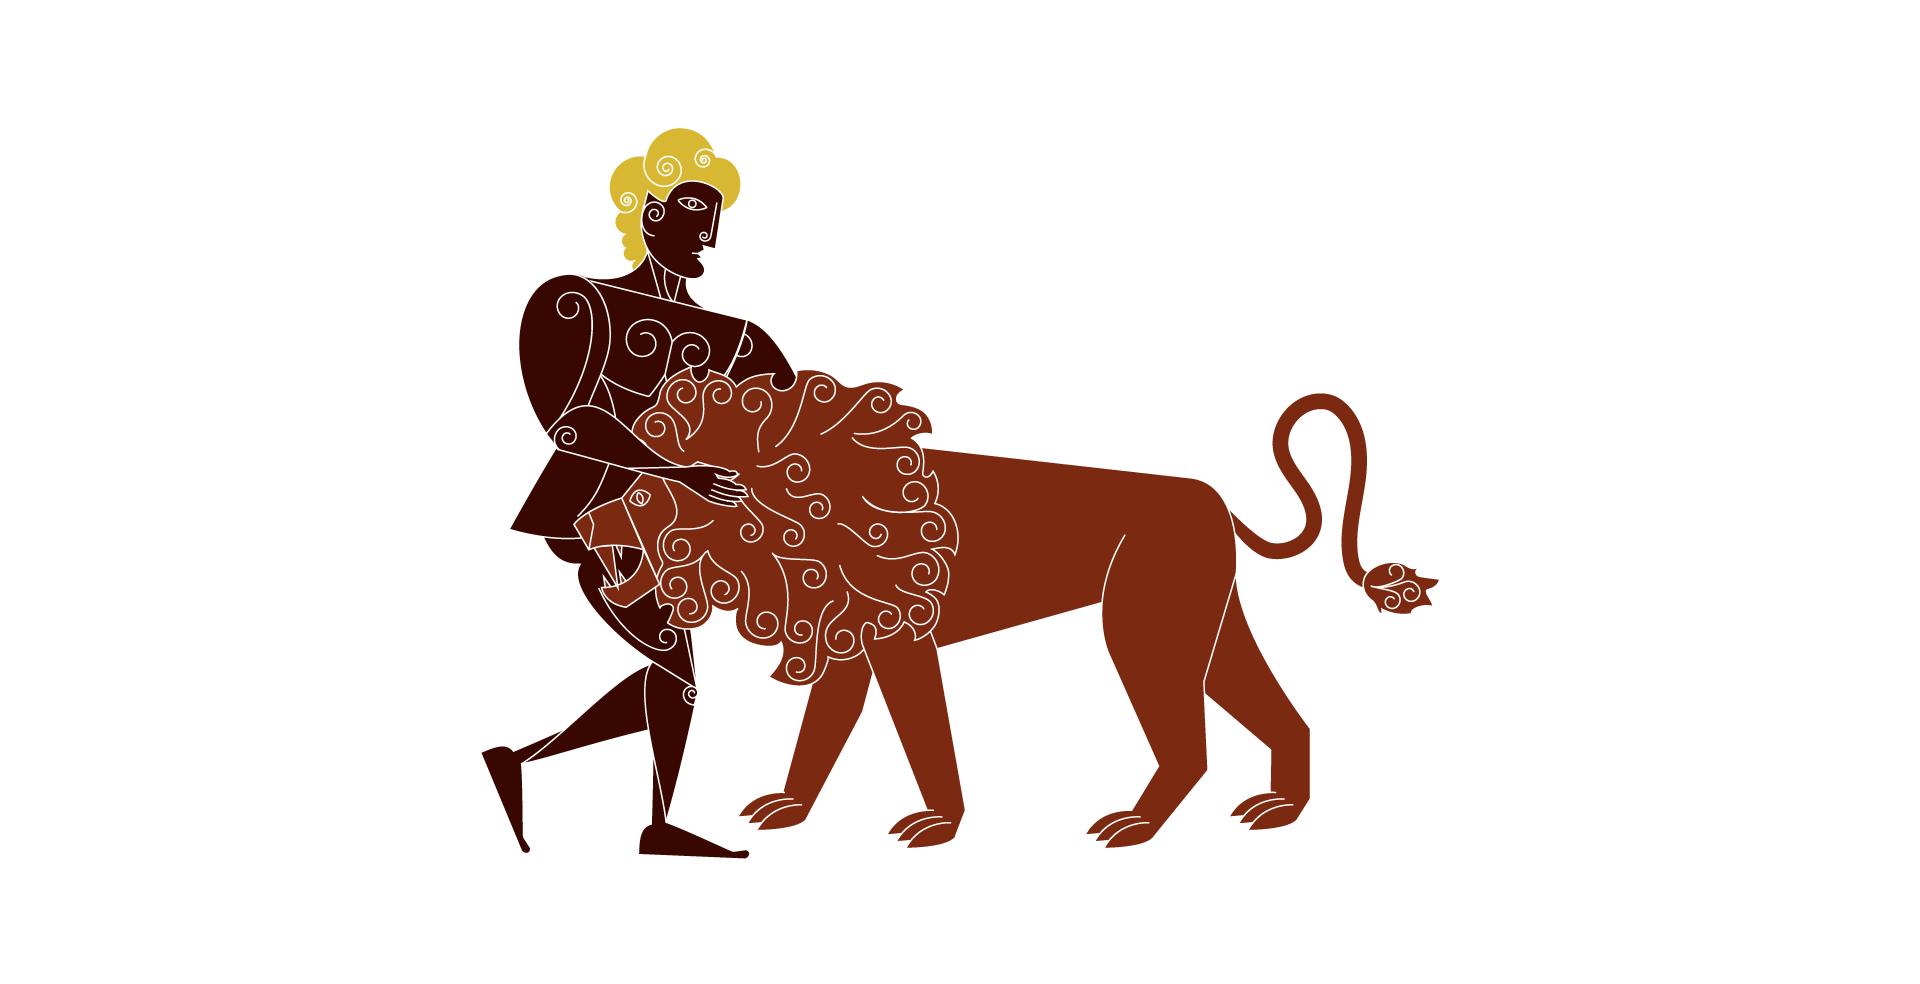 Herakles gołymi rękoma udusił lwa, który grasował wokolicach Nemei, pożerając mieszkańców iich stada. Zzabitego zwierzęcia zdarł skórę iużywał odtąd jako własnego ubioru, gdyż była odporna na ogień inie można jej było przeciąć mieczem. Zgłowy zabitego lwa sporządził sobie hełm Herakles gołymi rękoma udusił lwa, który grasował wokolicach Nemei, pożerając mieszkańców iich stada. Zzabitego zwierzęcia zdarł skórę iużywał odtąd jako własnego ubioru, gdyż była odporna na ogień inie można jej było przeciąć mieczem. Zgłowy zabitego lwa sporządził sobie hełm Źródło: Contentplus.pl sp. zo.o..